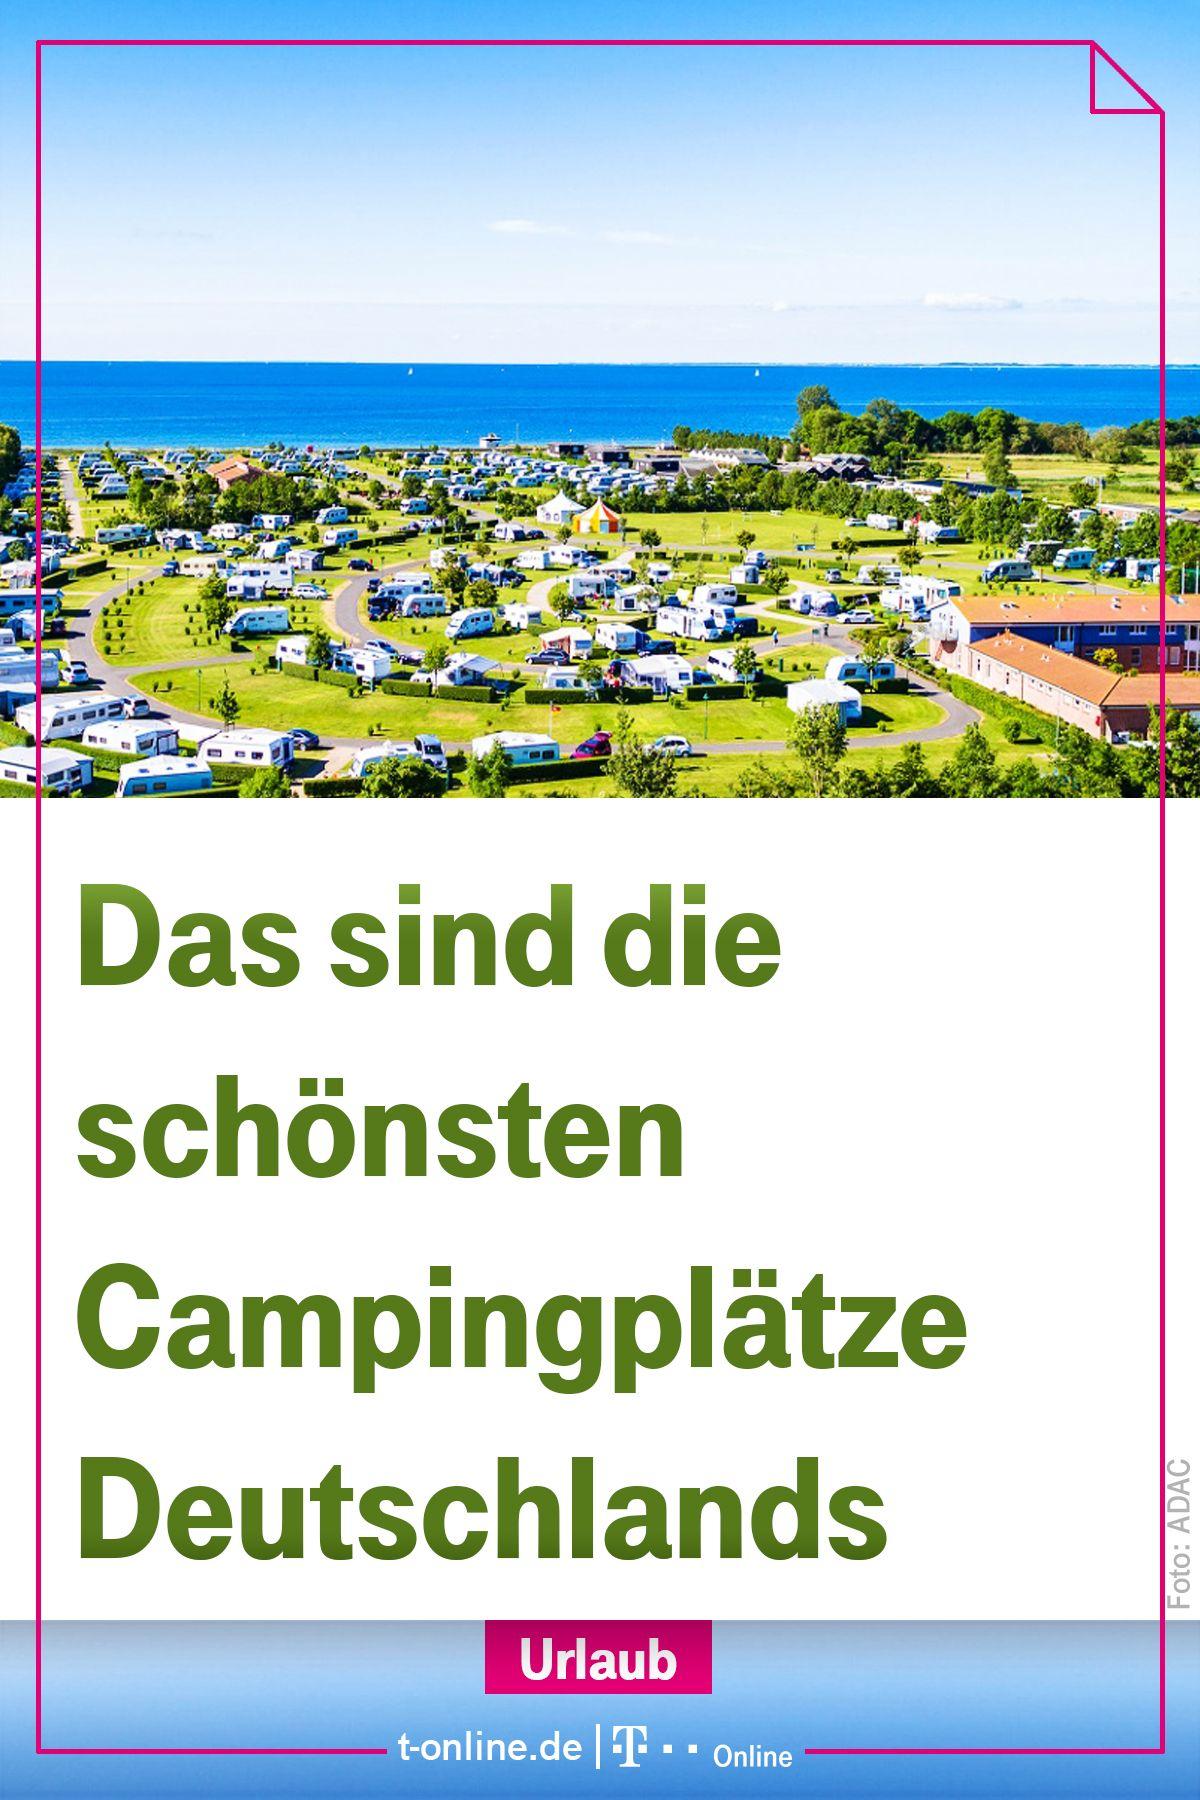 Das sind die Super-Campingplätze hierzulande #holidaytrip